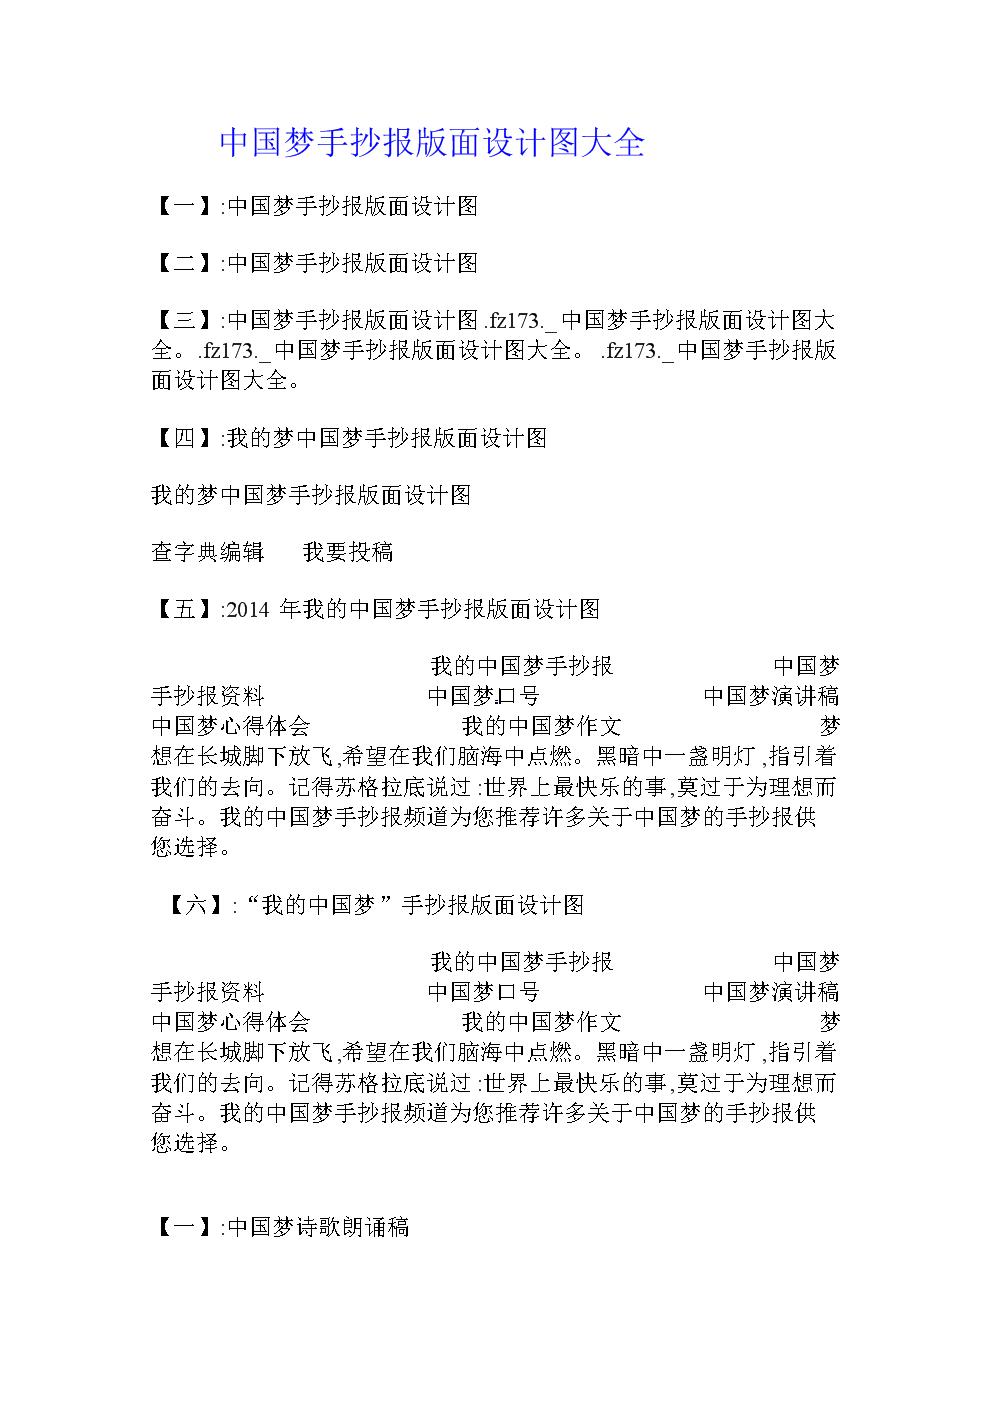 中国梦手抄报版面设计图大全.doc